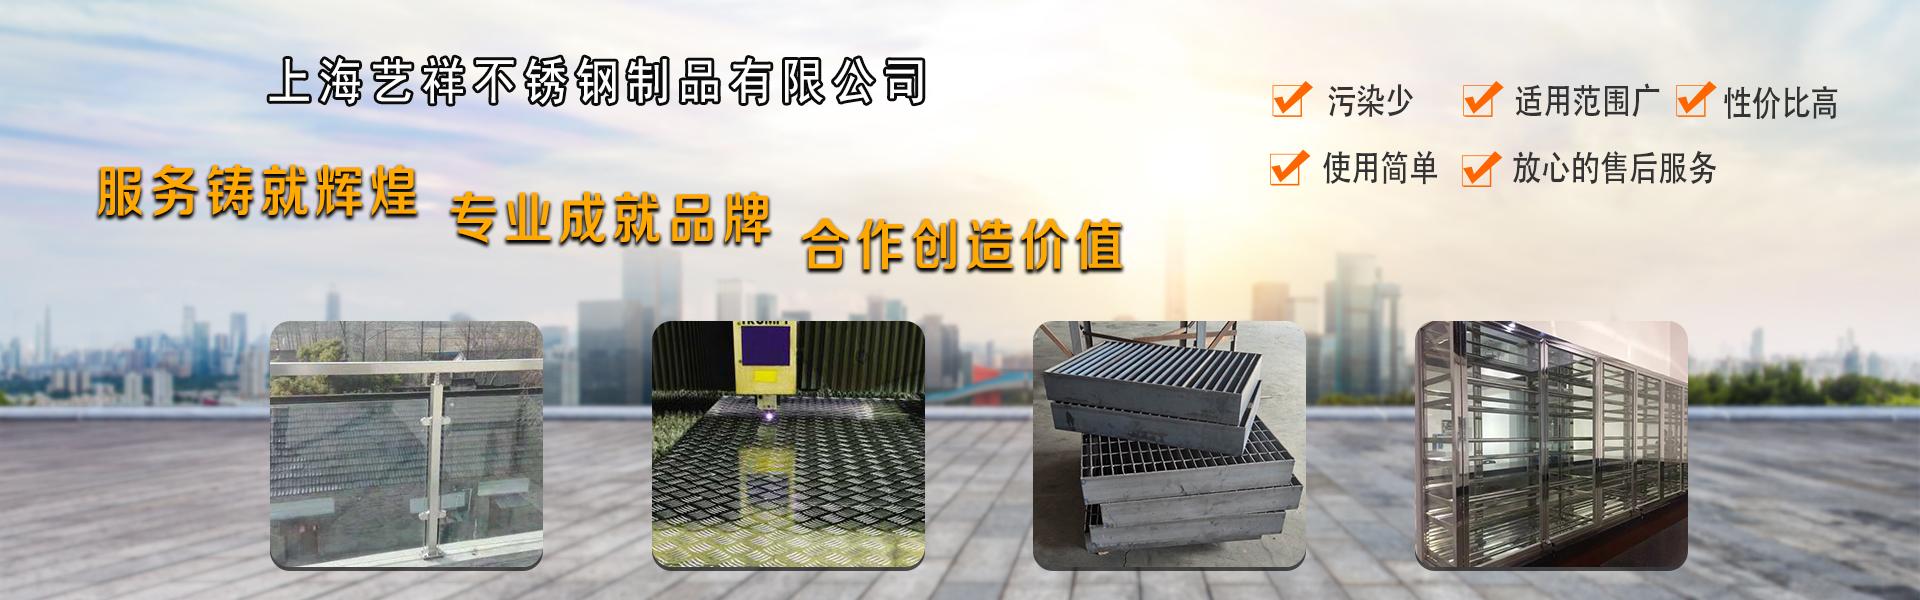 上海艺祥不锈钢制品bobapp下载安装